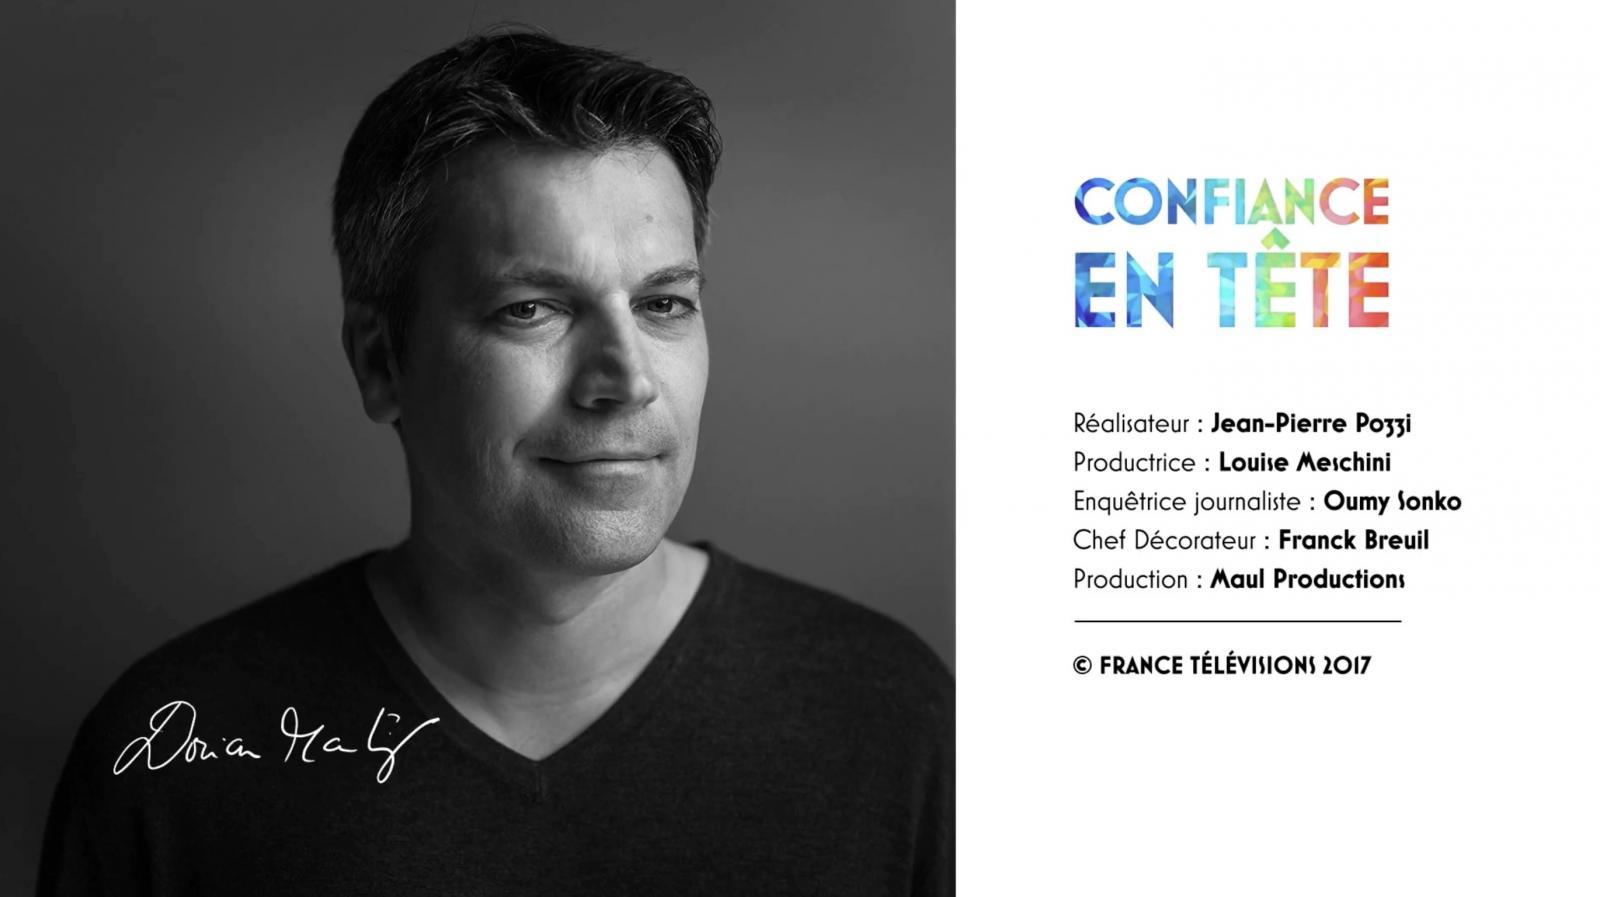 """Émission """"Confiance en tête"""" et présentation du poignet éponge PERF sur France Télévision"""